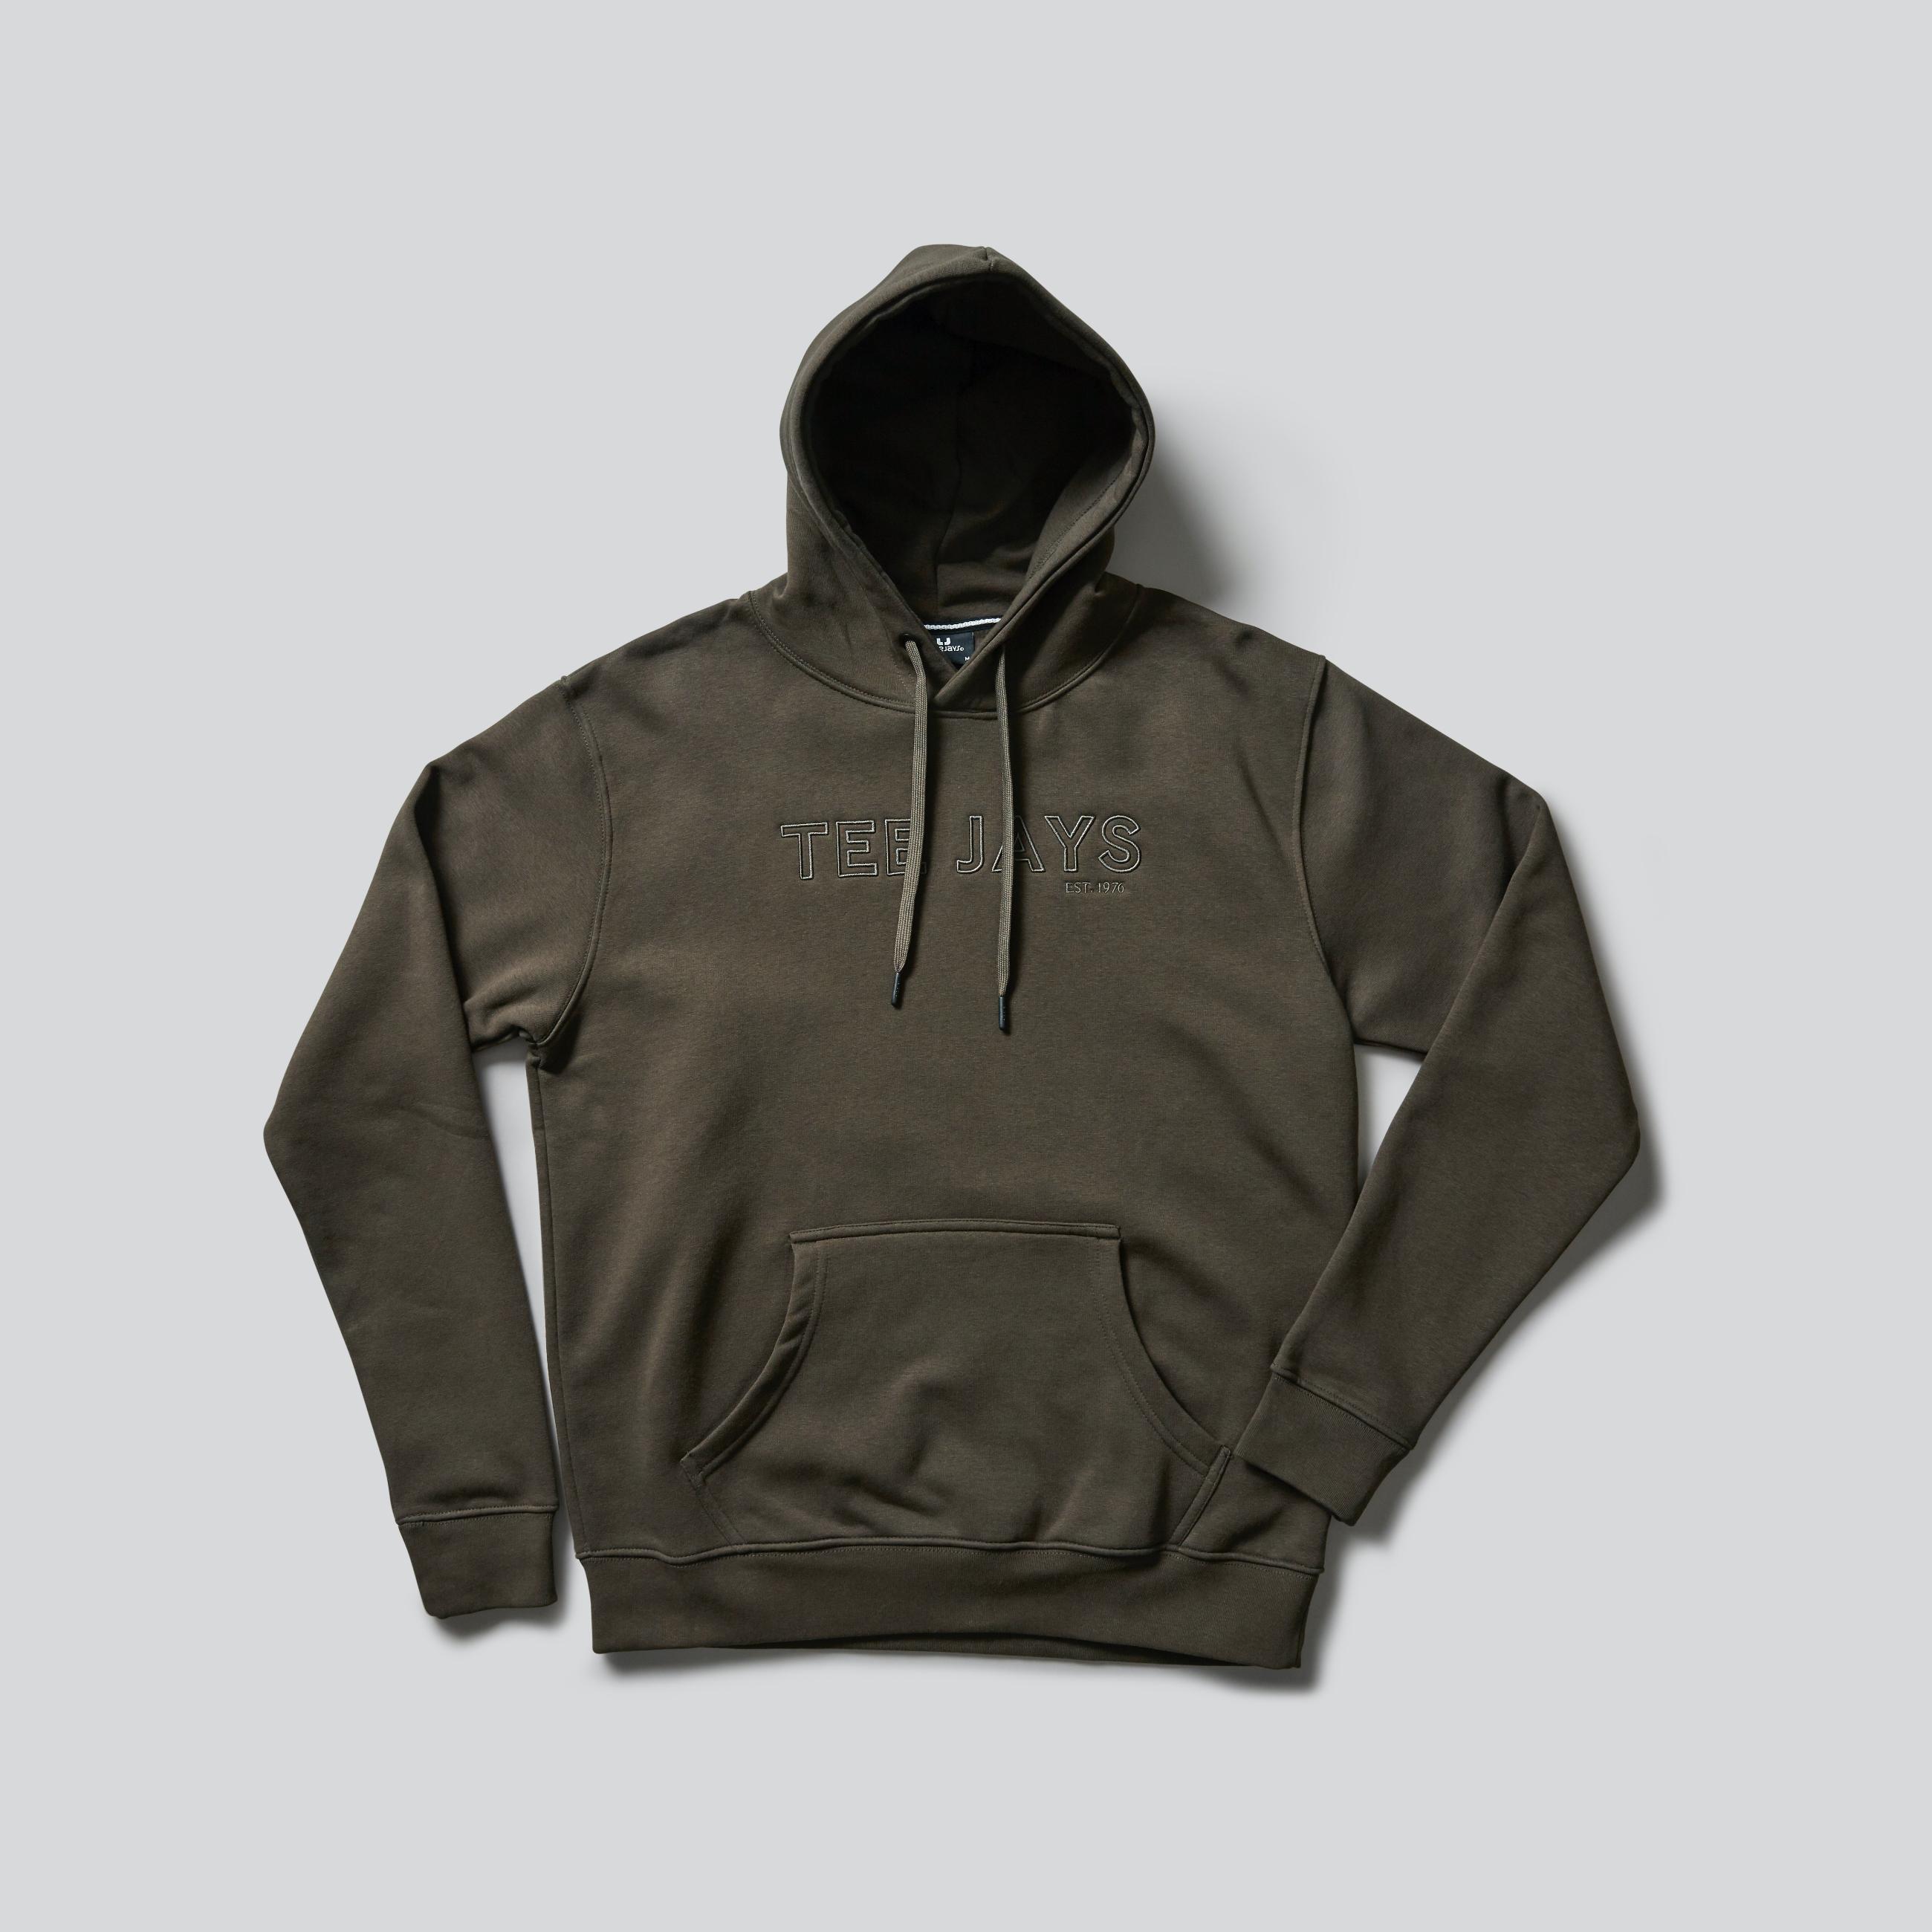 Tee Jays Outlined Hooded Sweatshirt